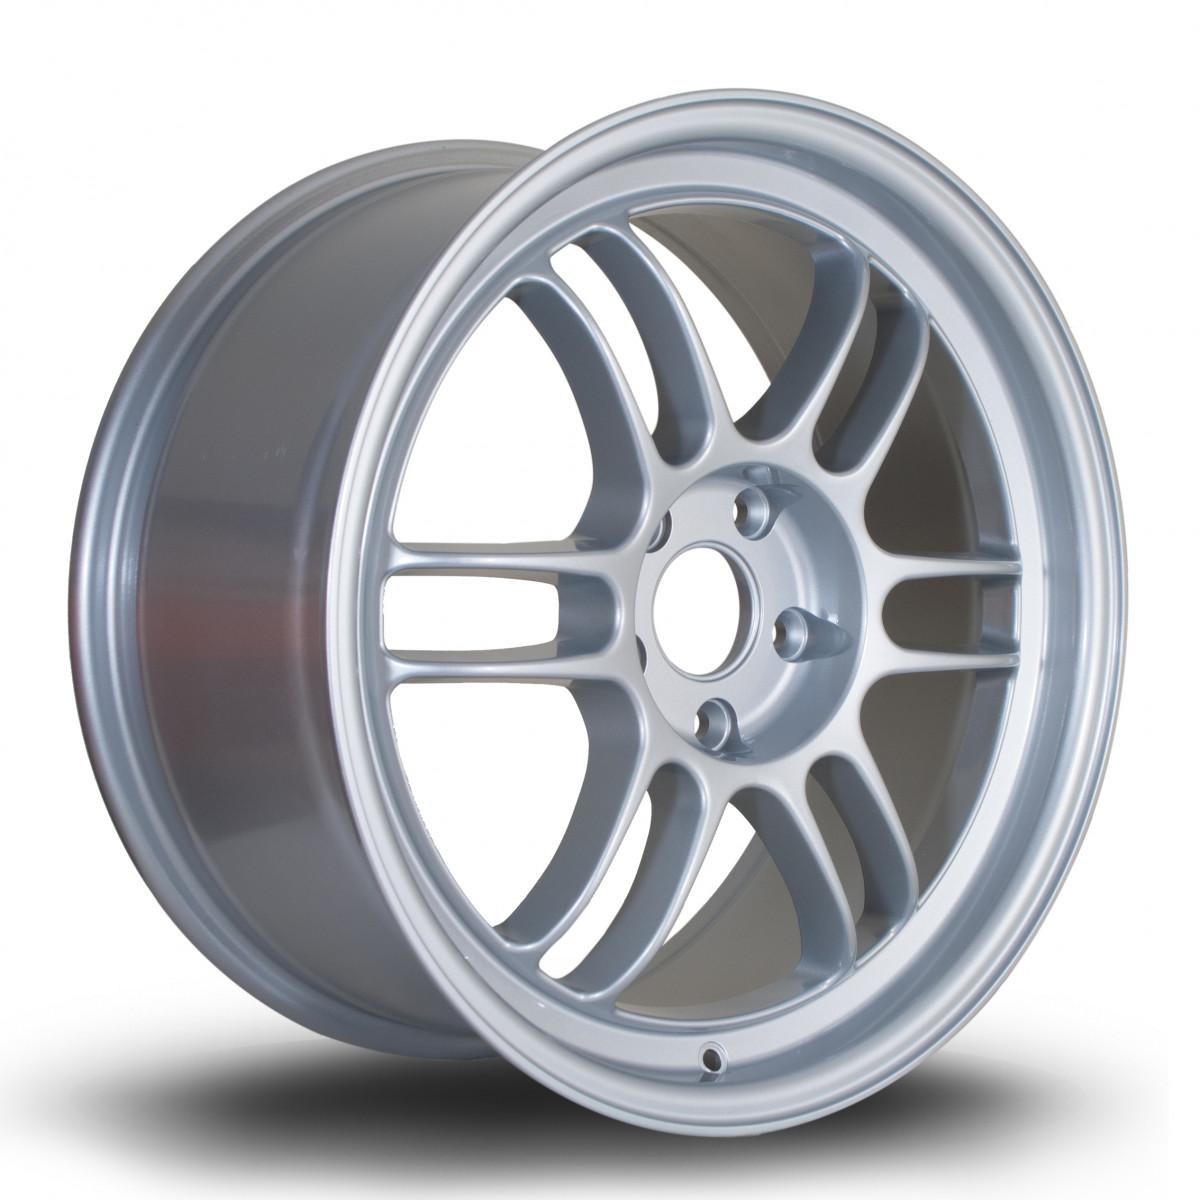 TFS301 18x8.5 5x108 ET42 Silver